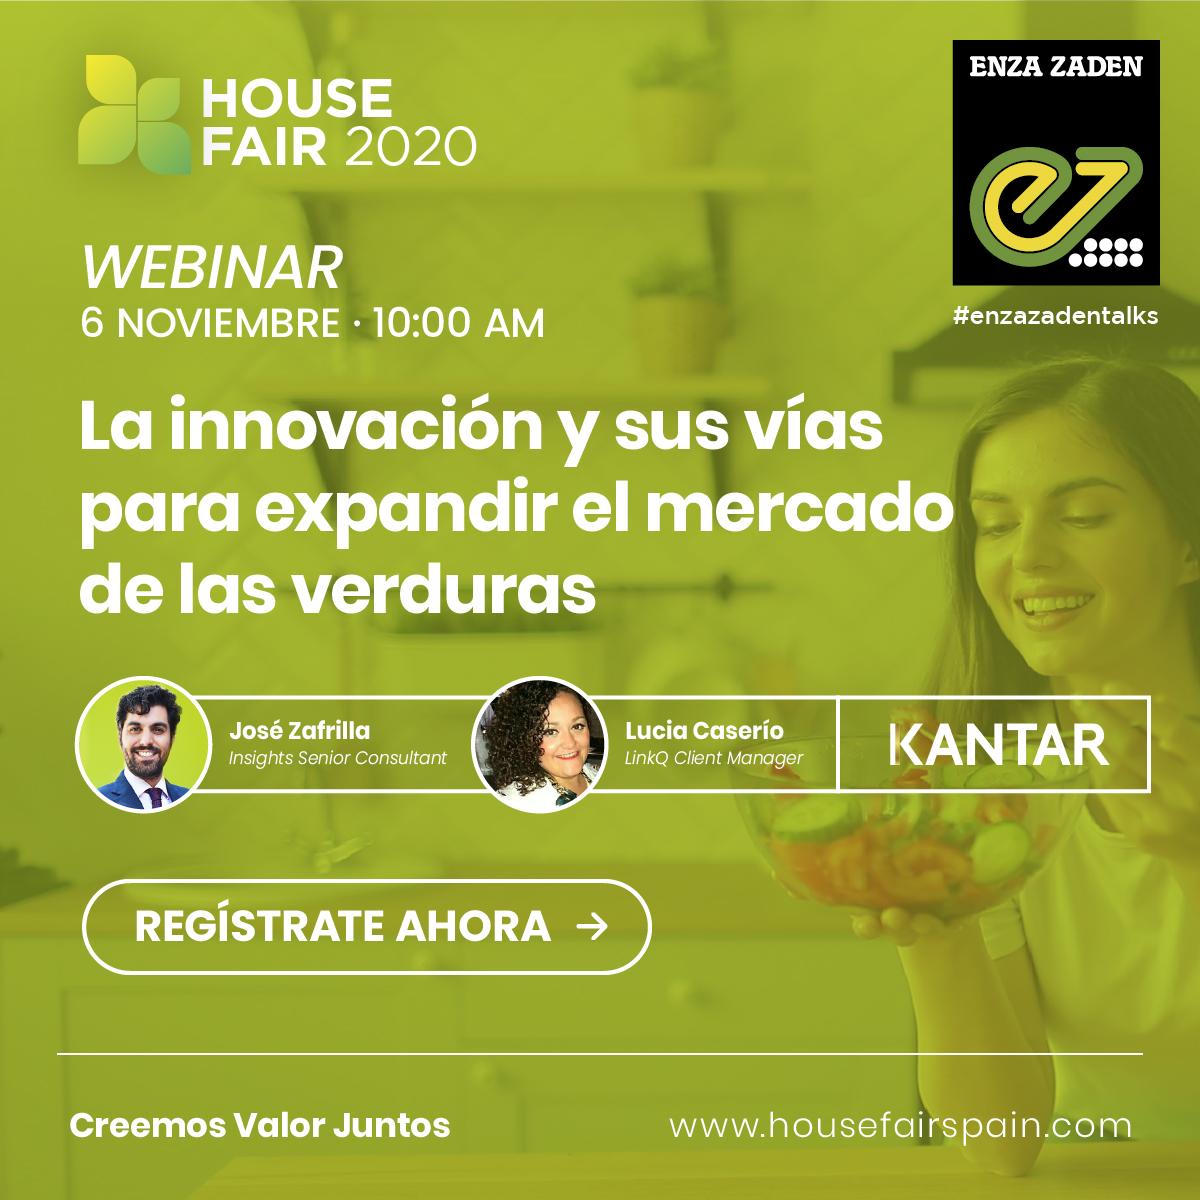 kantar-webinar-1200×1200-whatsapp-clientes-es